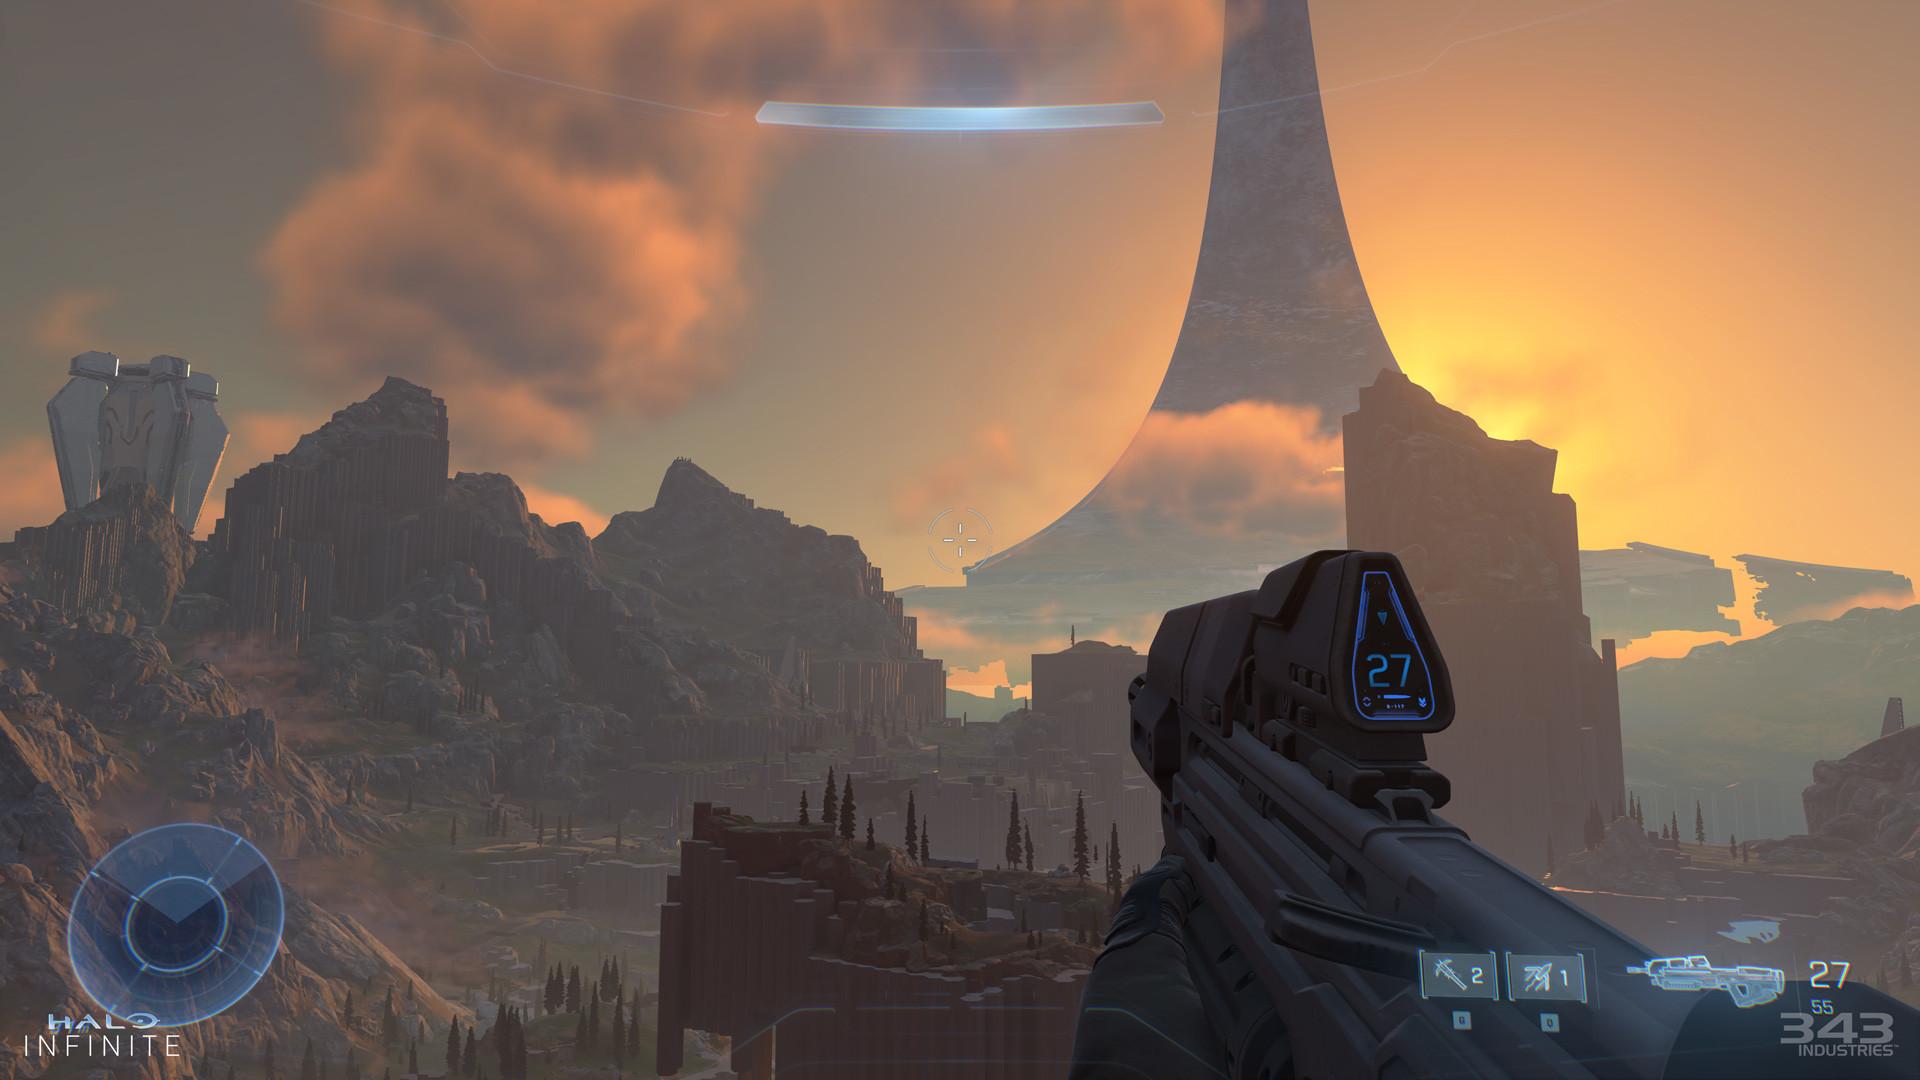 《光环:无限》XSX实机演示公开 Steam版同步发售